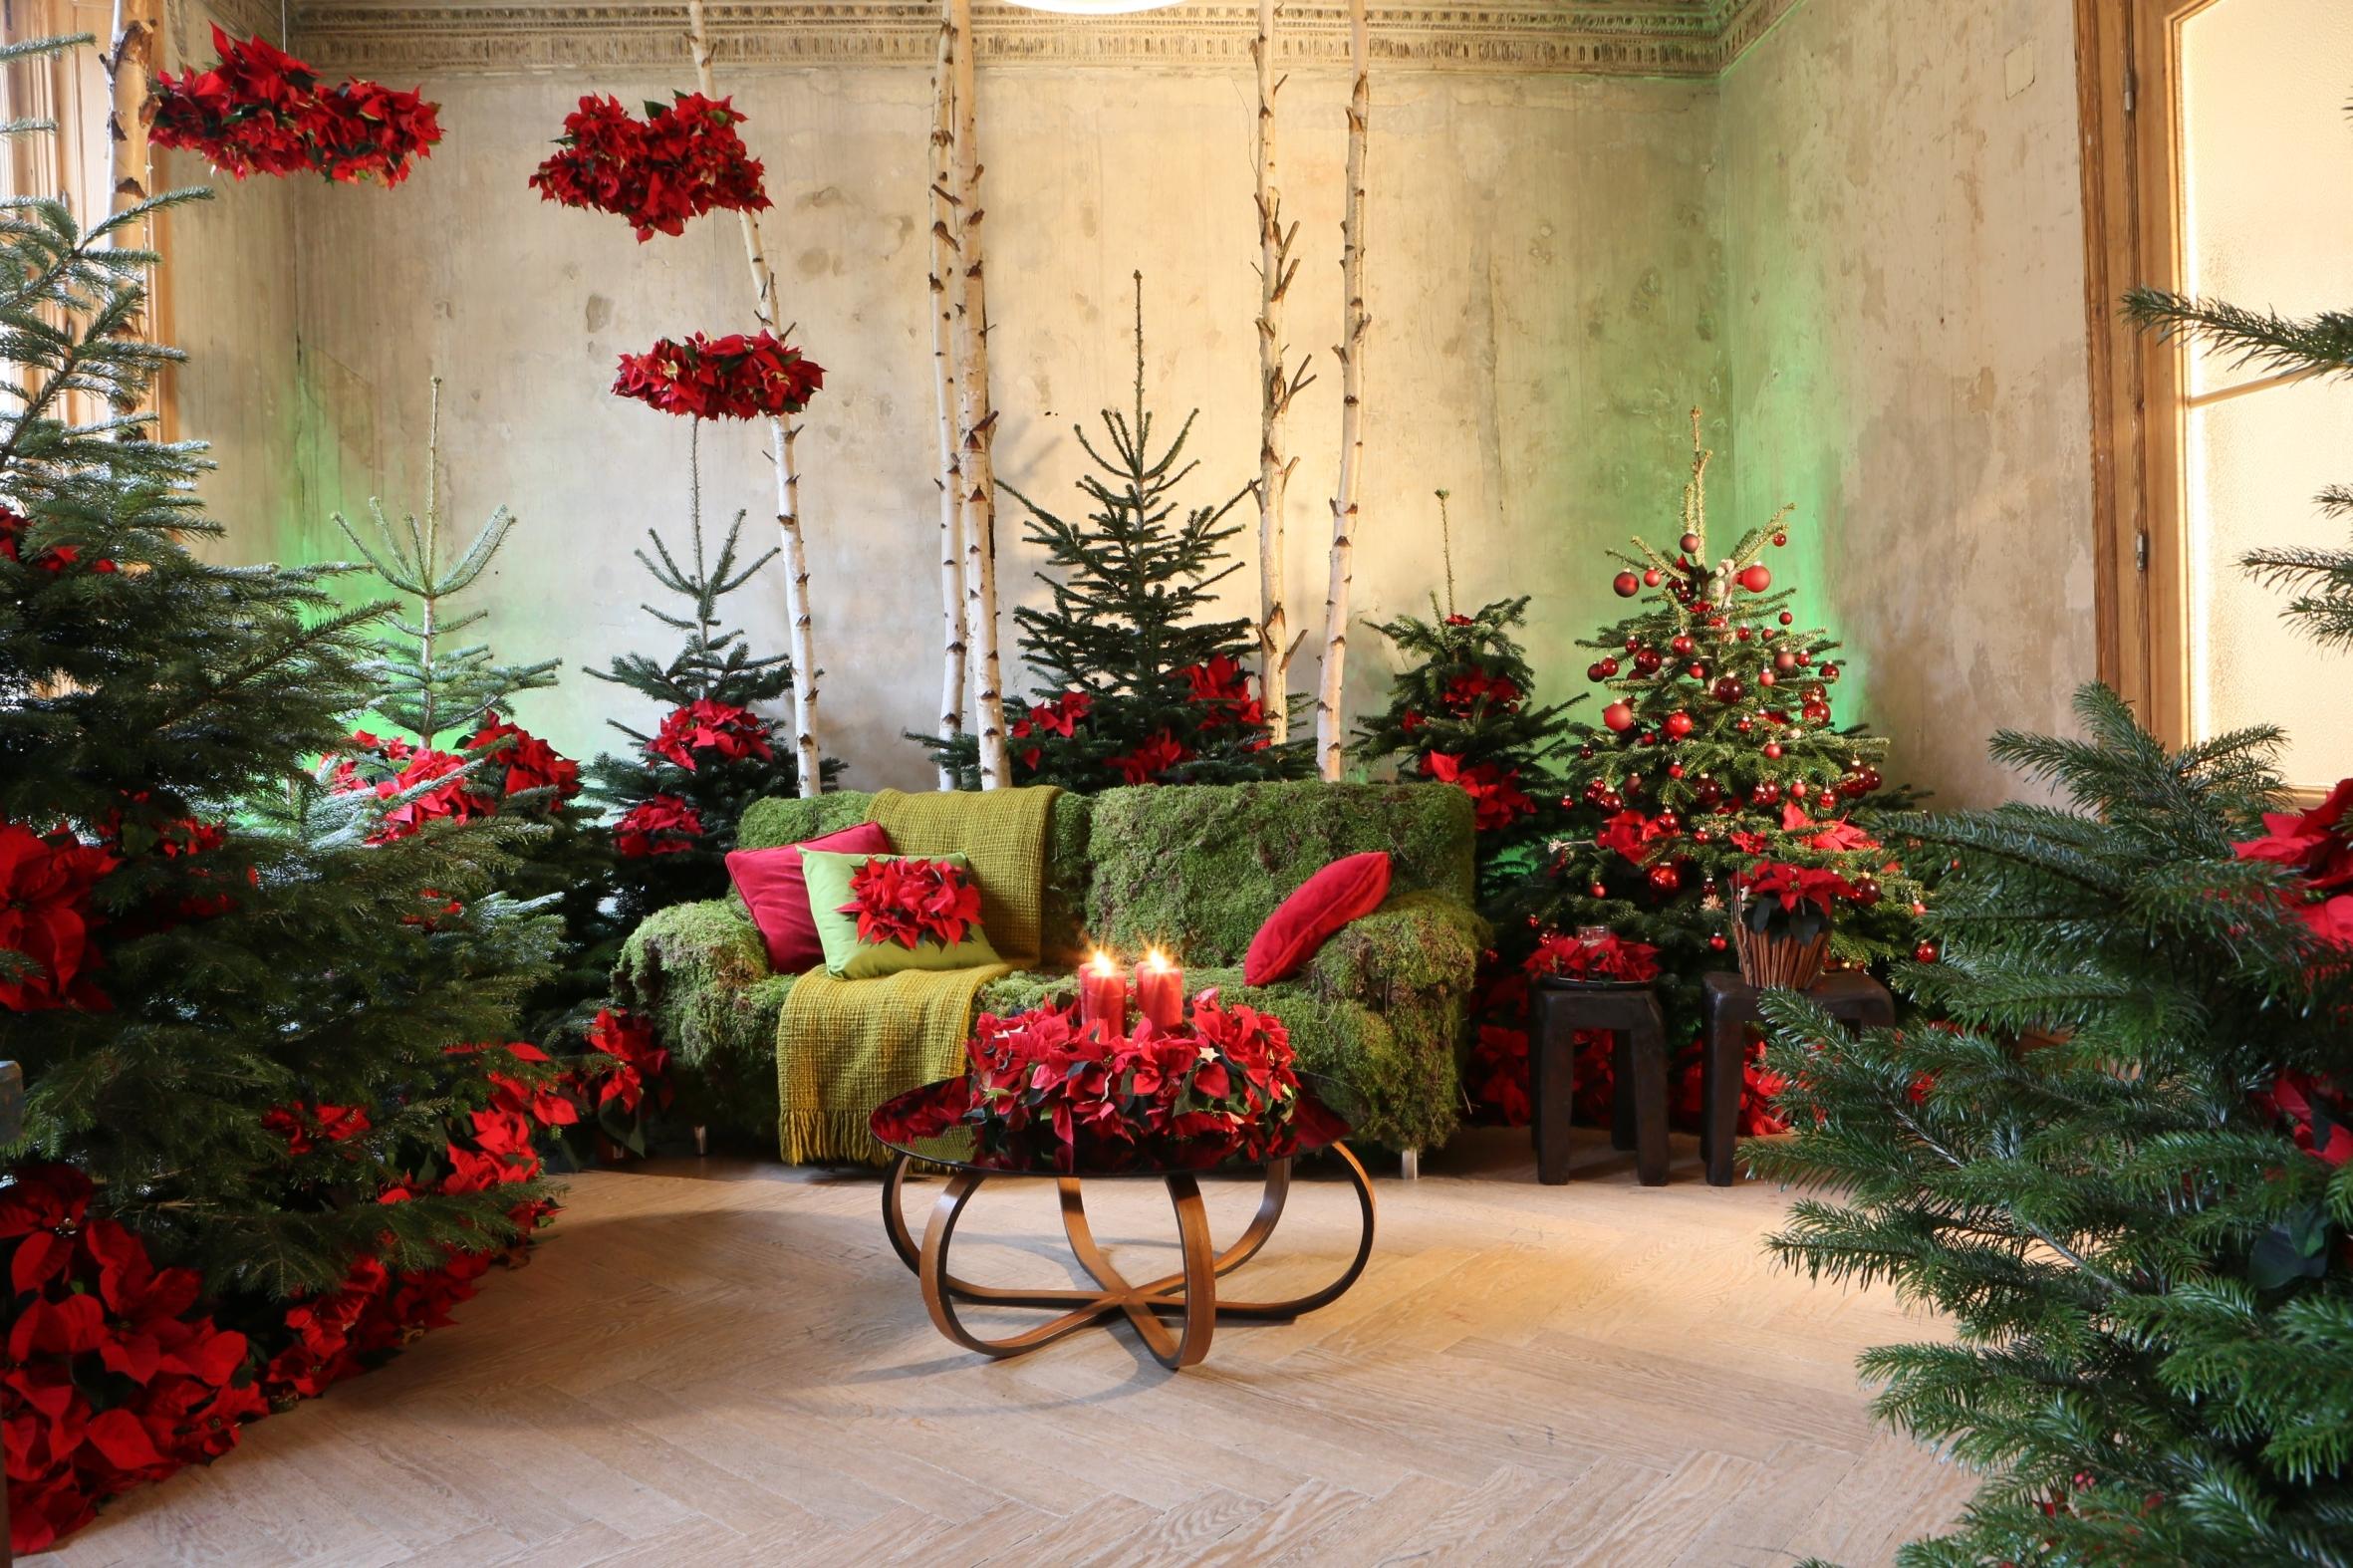 Once upon a star m rchen arrangements mit dem weihnachtsstern lassen r ume in moderner - Weihnachtsstern dekorieren ...